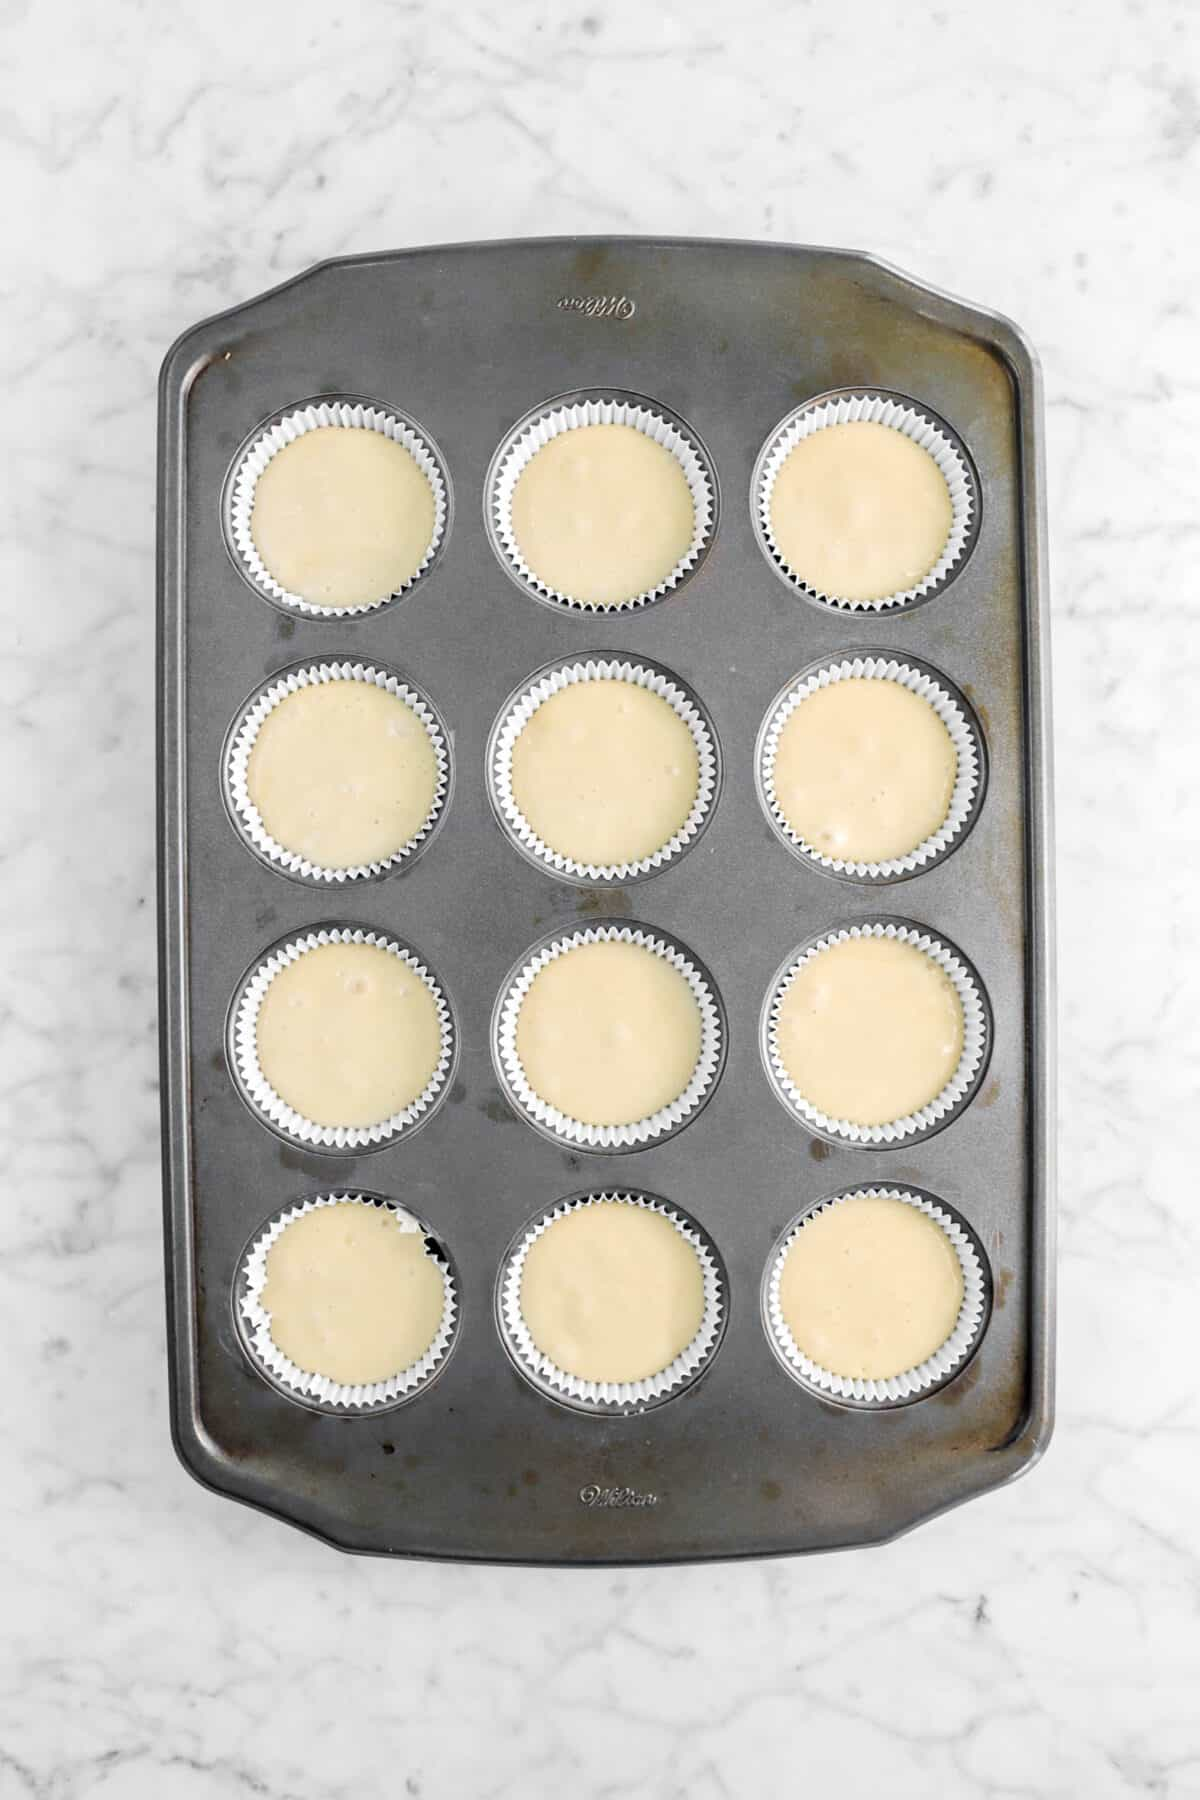 twelve unbaked cupcakes in a pan